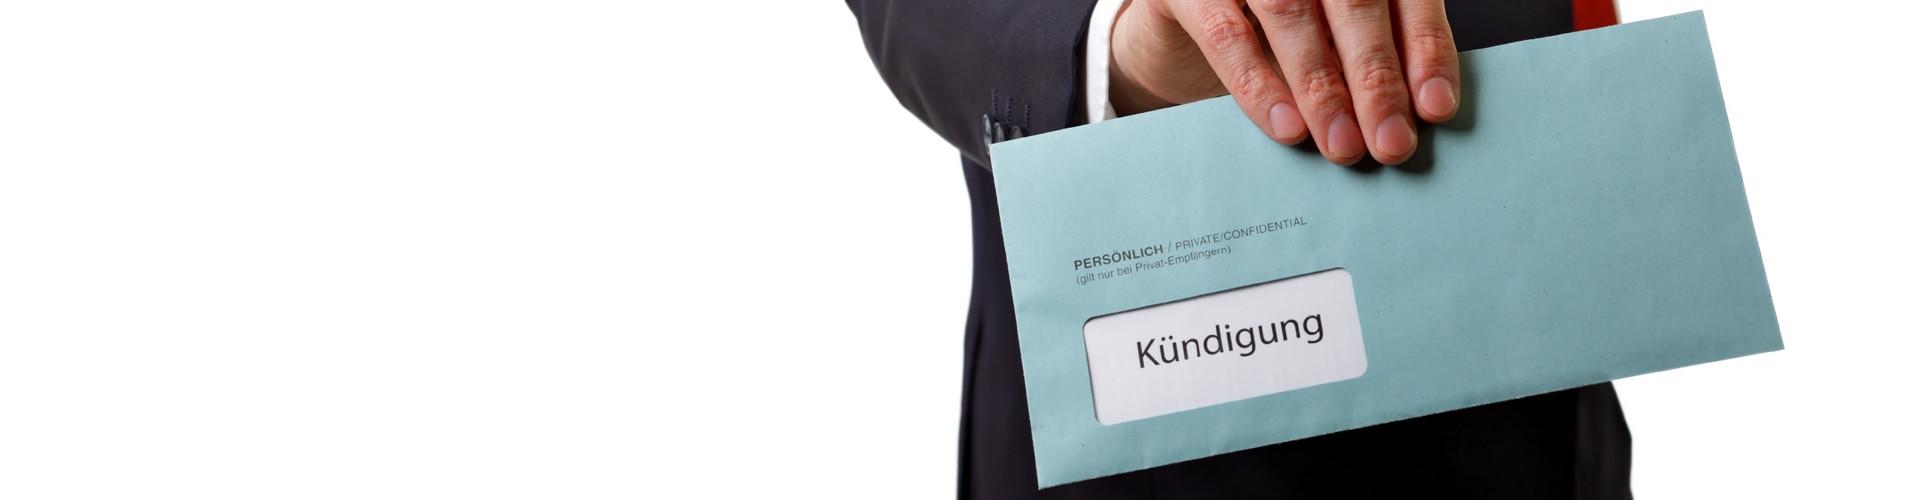 Mann übergibt Brief mit Kündigung © fovito, stock.adobe.com